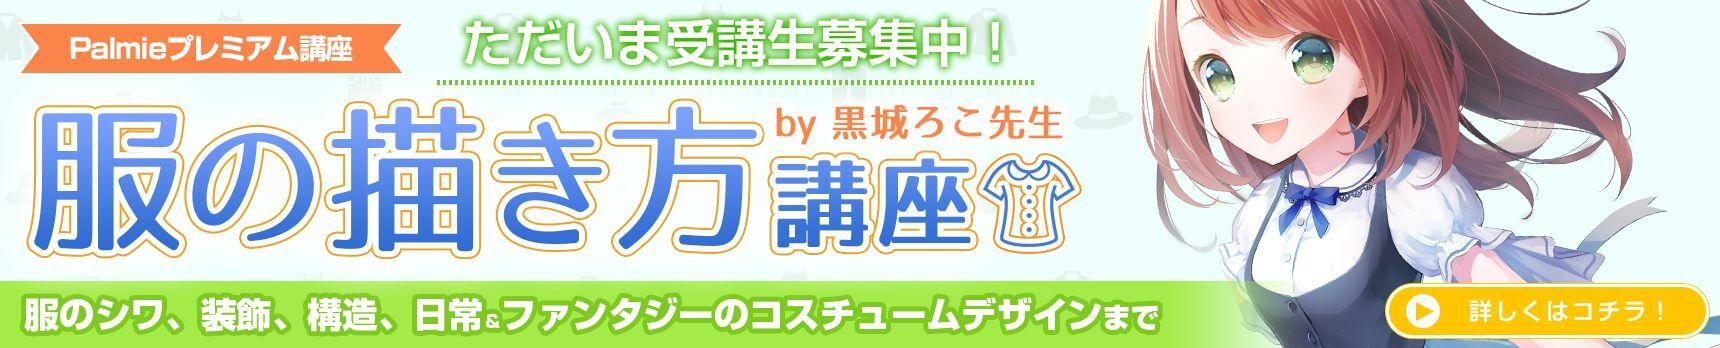 Kuroki banner pc